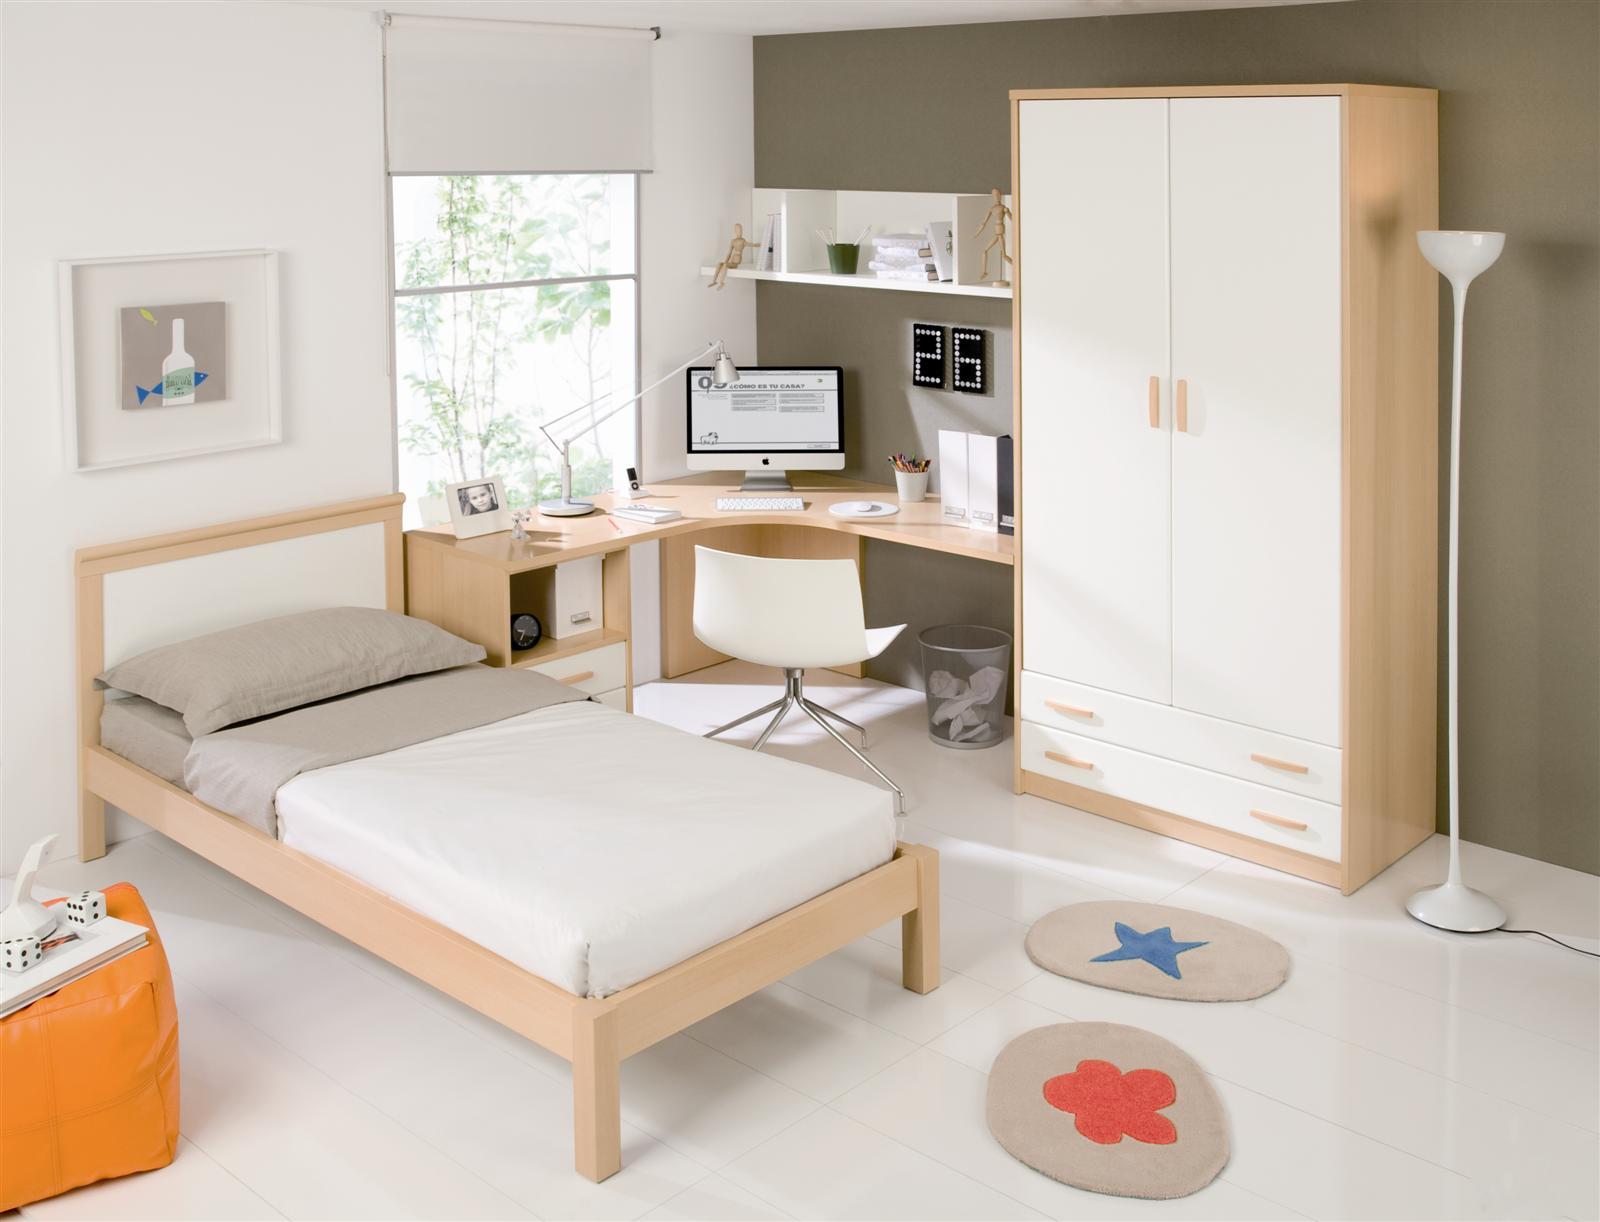 Habitat Bedroom Furniture 28 Images Habitat Bedroom Furniture Habitat H418 Bedroom Set